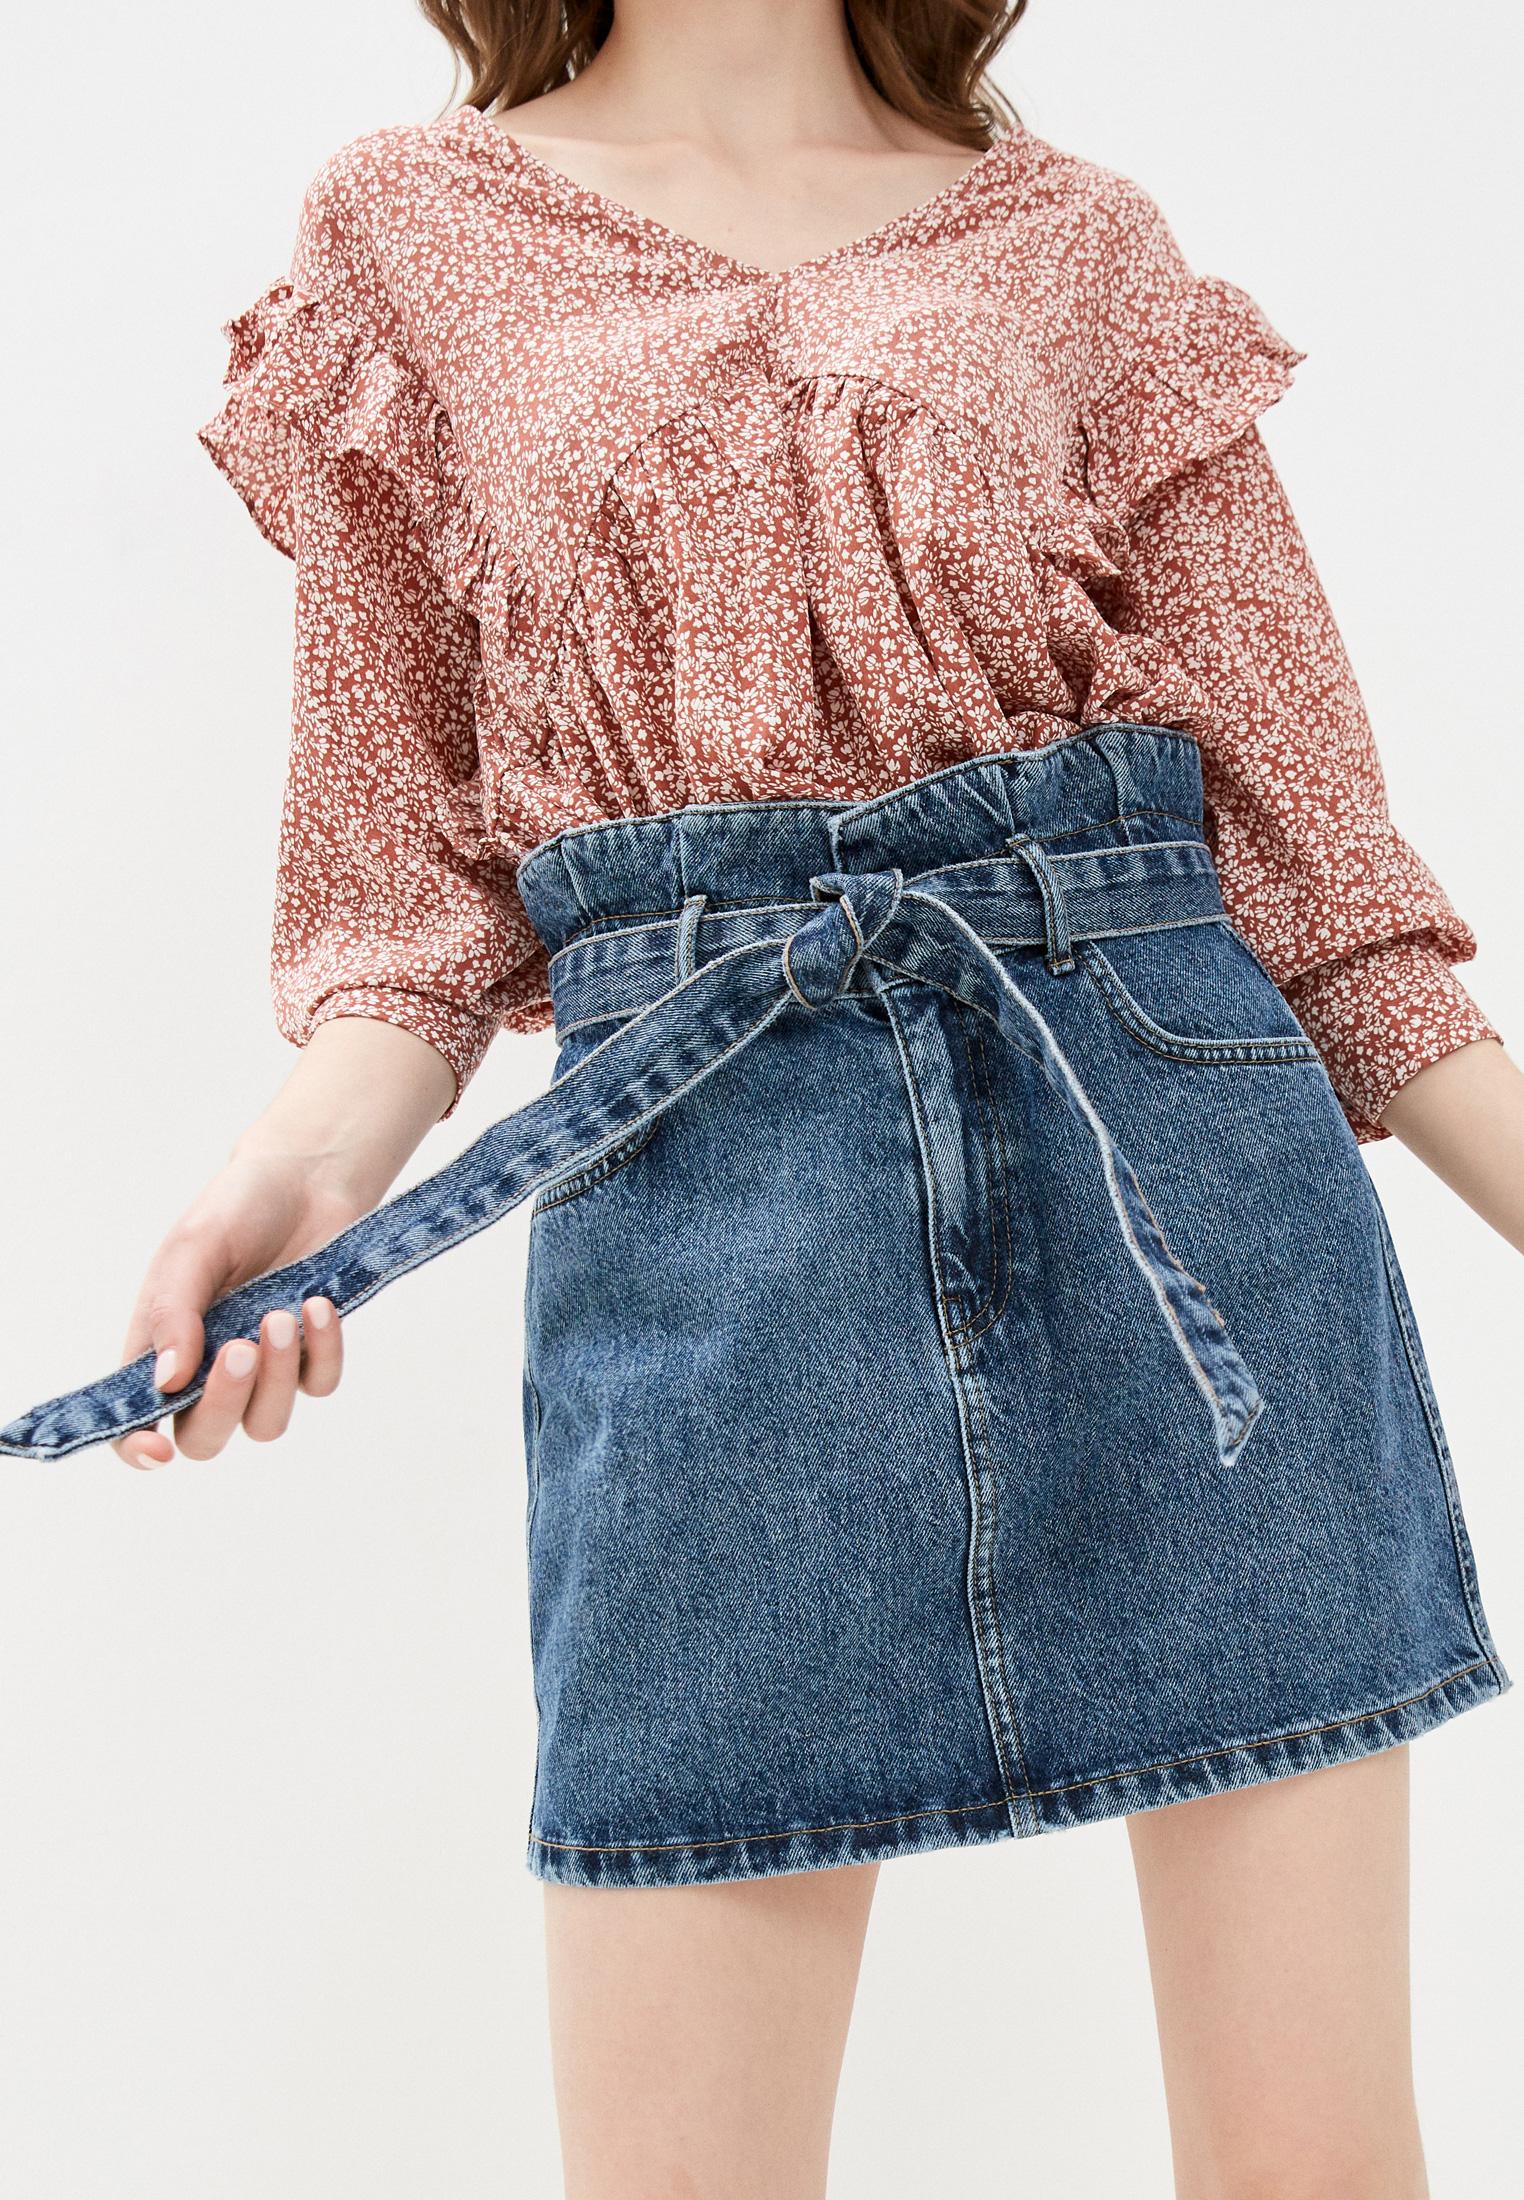 Джинсовая юбка OVS Юбка джинсовая OVS